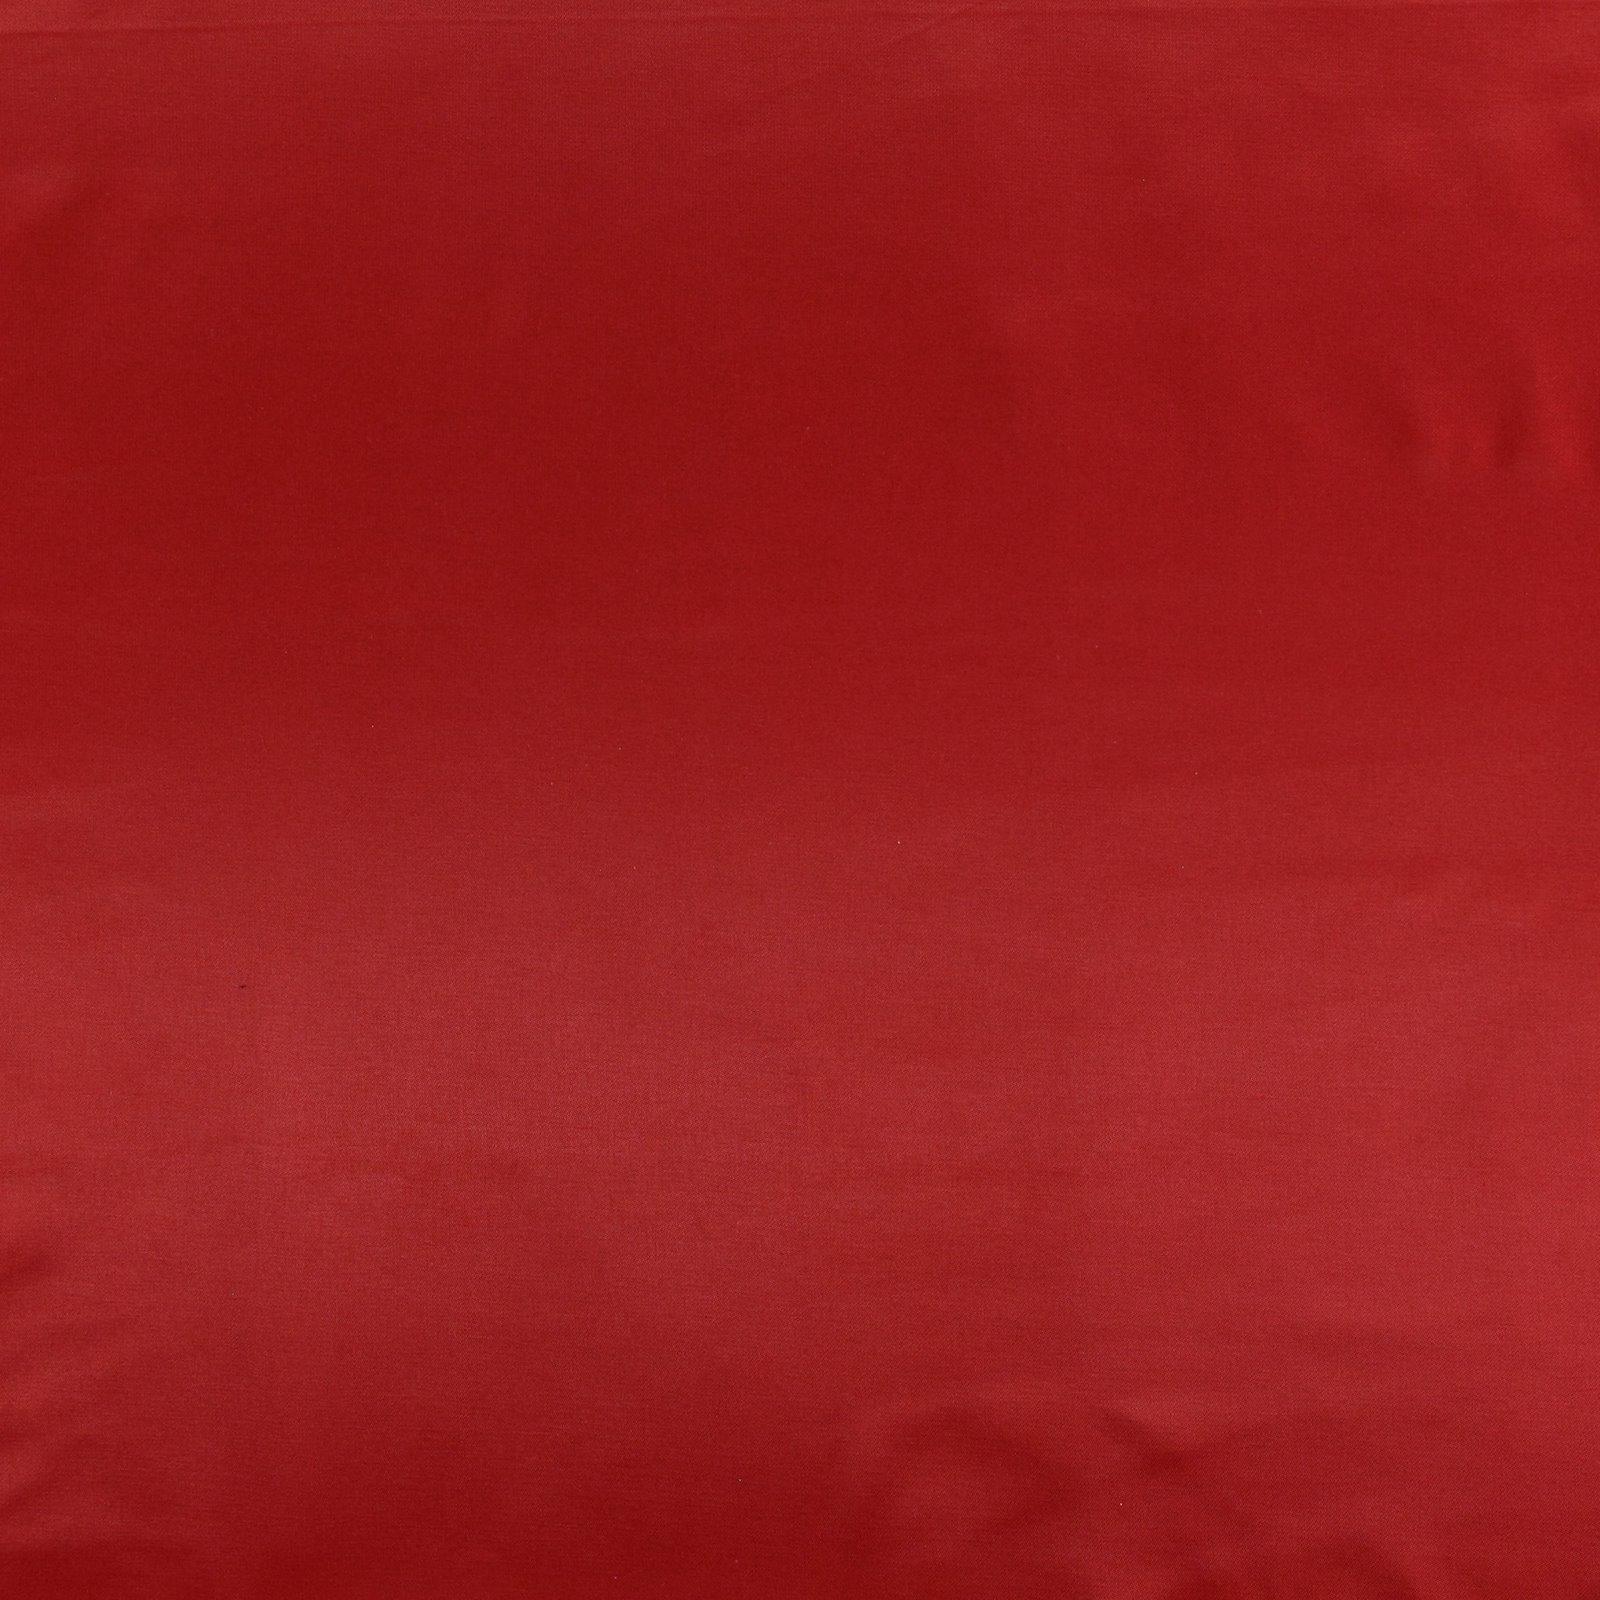 Beaver nylon dark red 450723_pack_solid